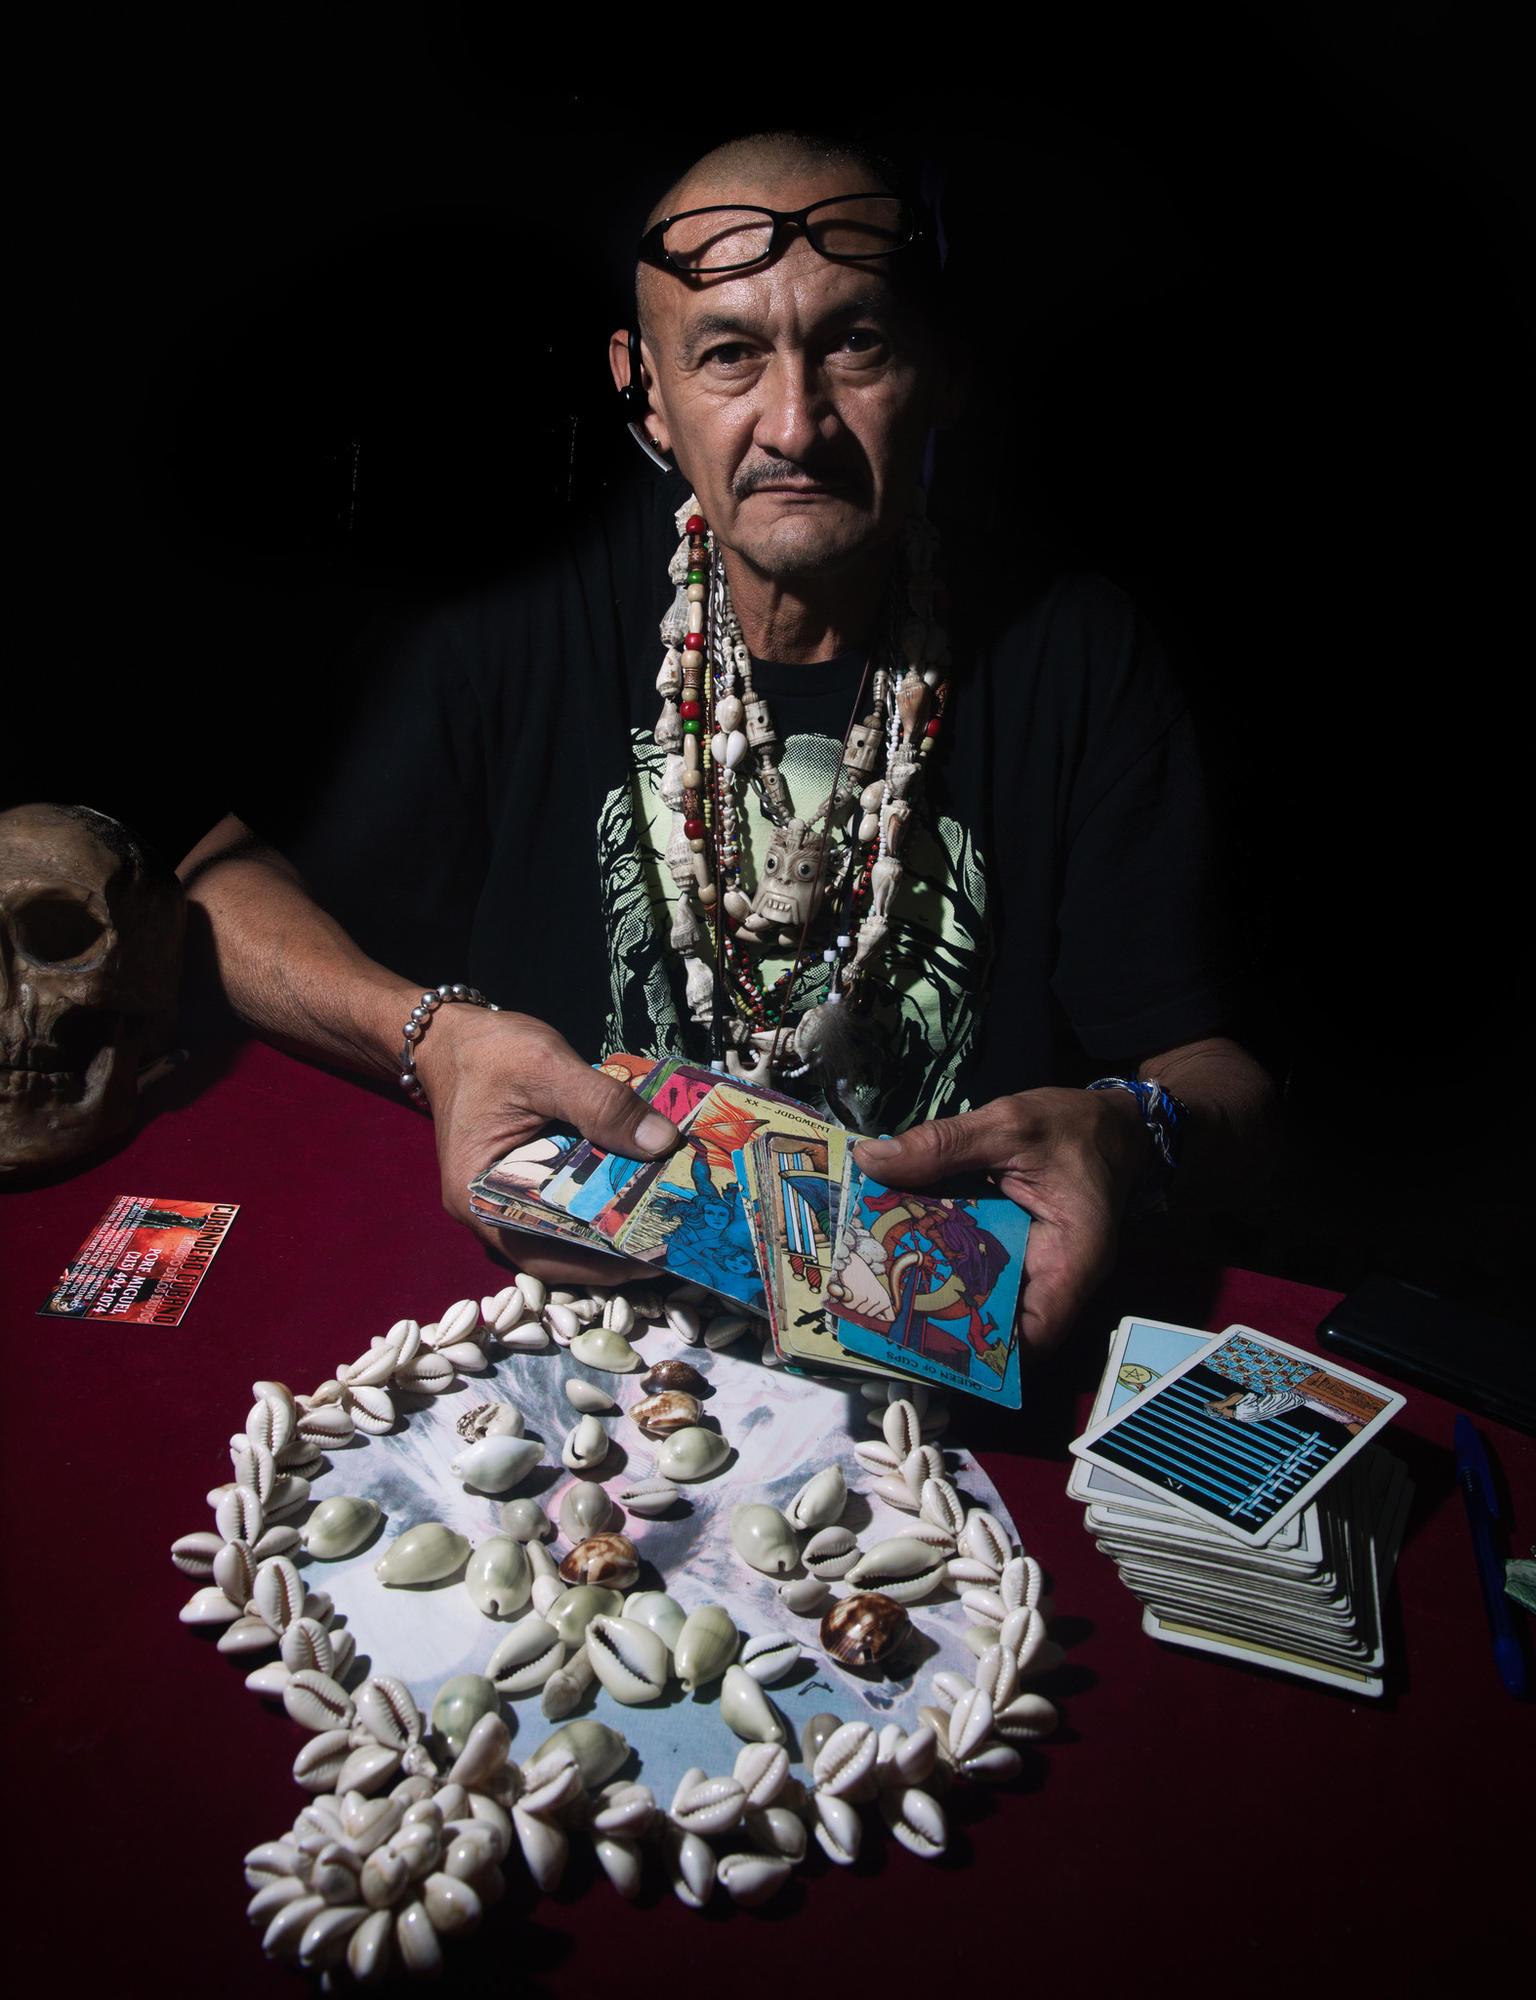 A Babal-Ay (santaria) healer preparing for the divination process.